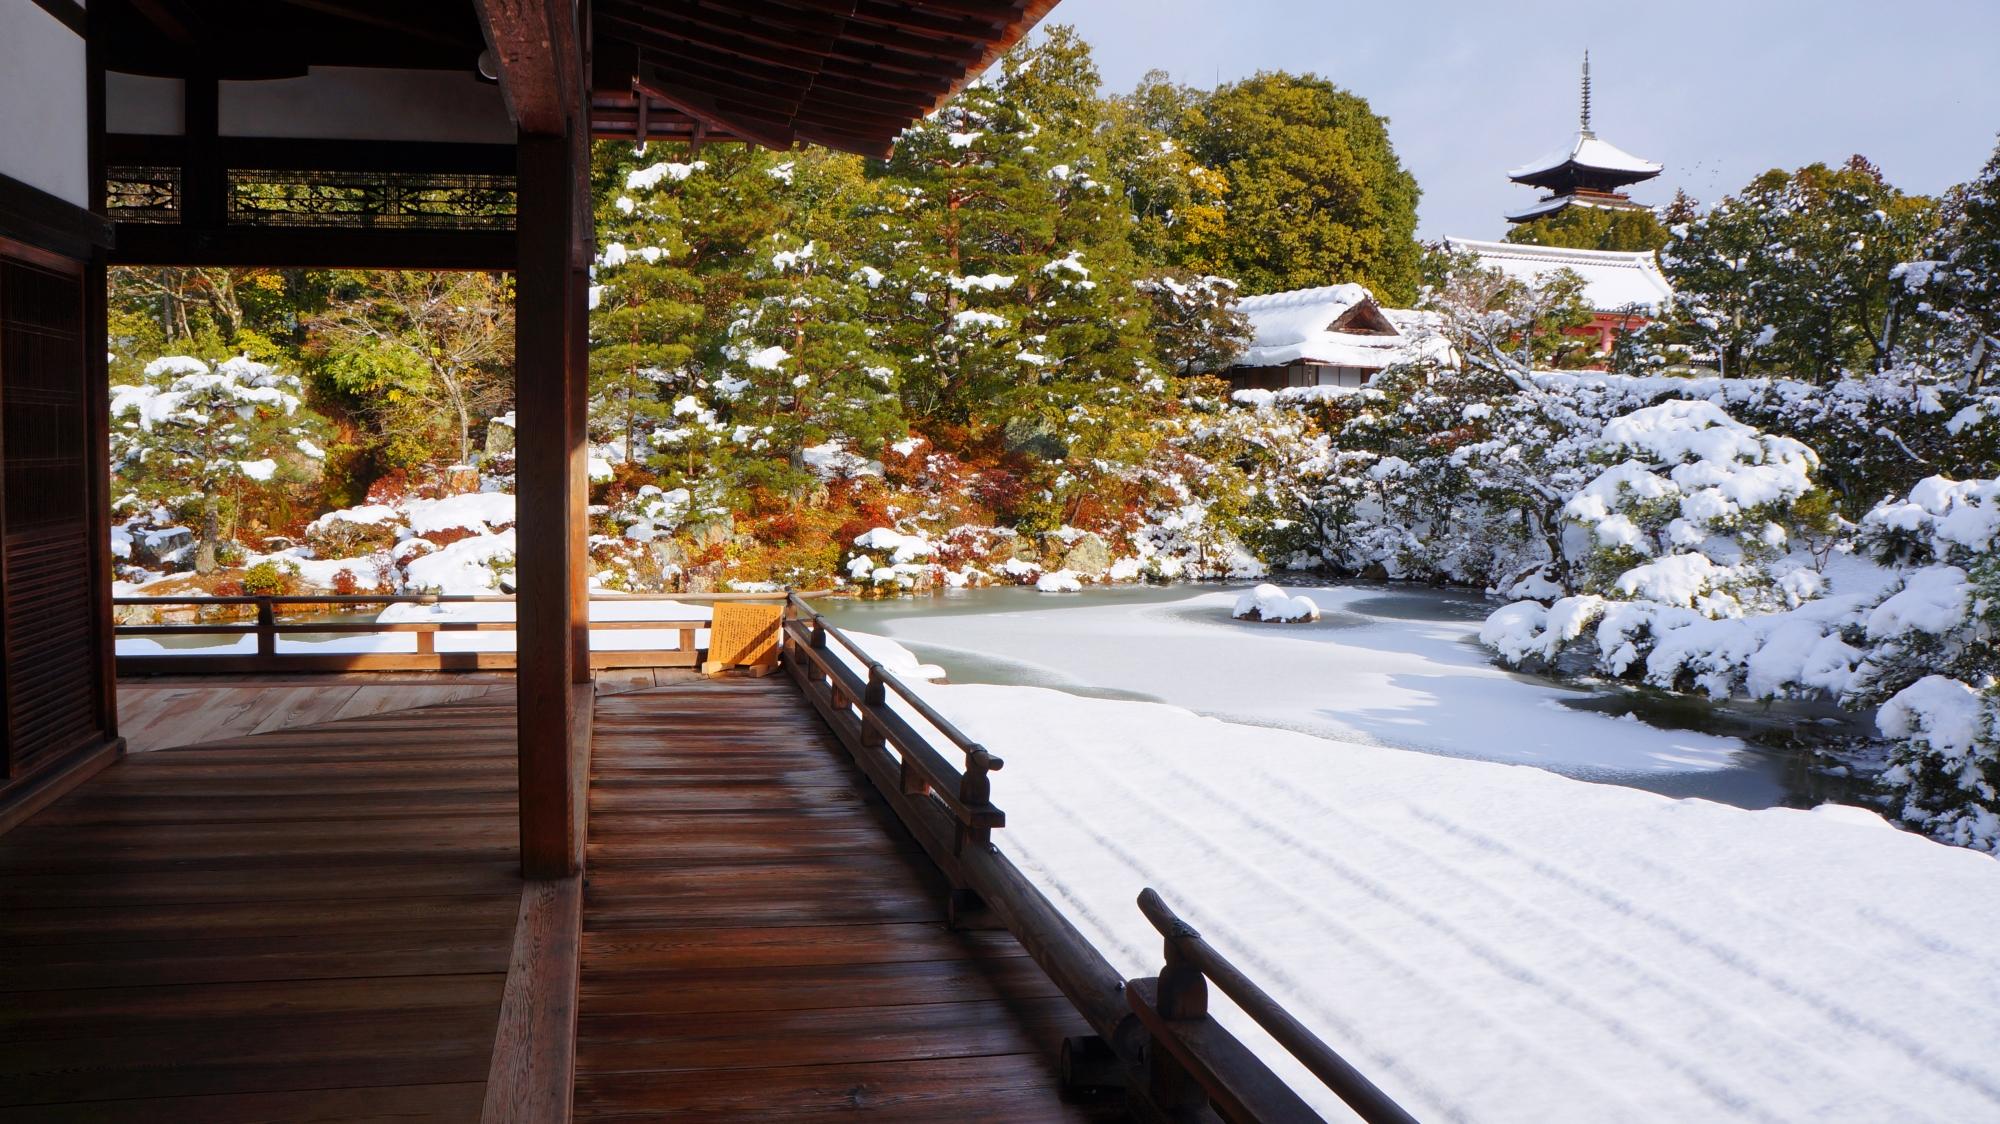 仁和寺の五重塔と庭園の風景